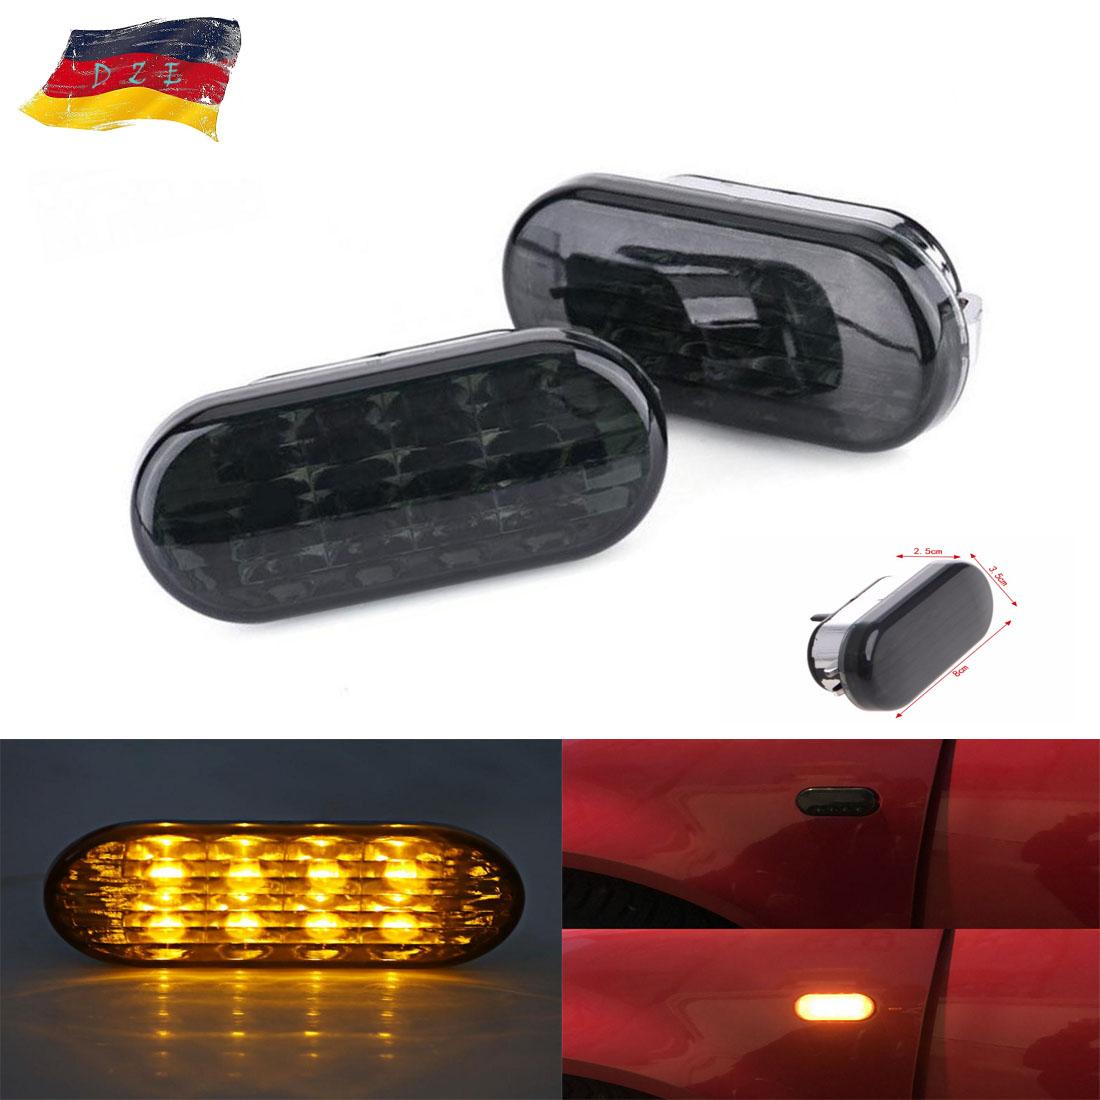 Signalleuchte für Seitenmarkierungsleuchte LED Dynamisch für V-W Seat Passat